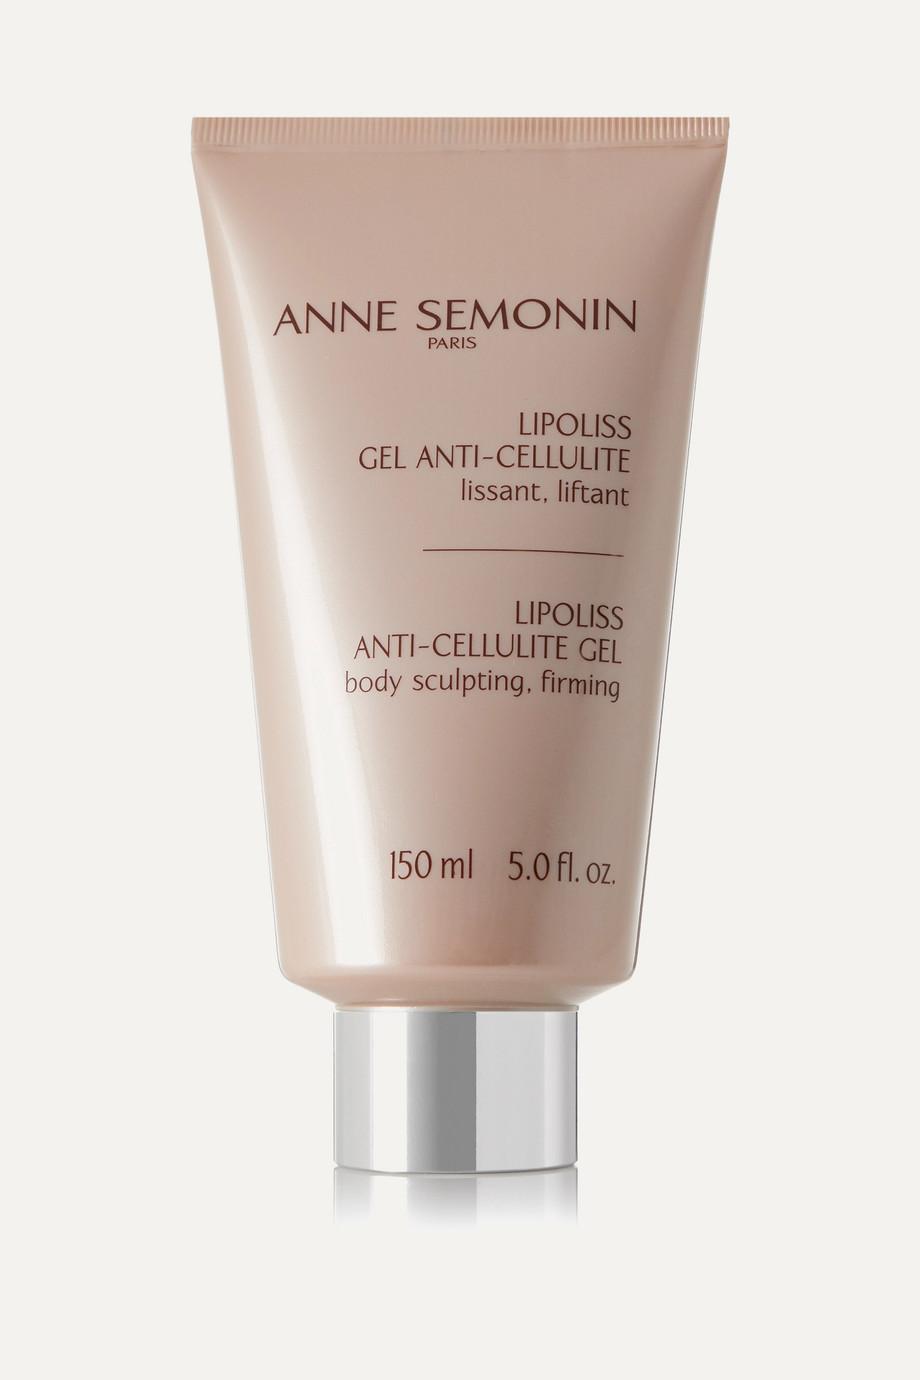 Anne Semonin Lipoliss - Anti-Cellulite Gel, 150ml